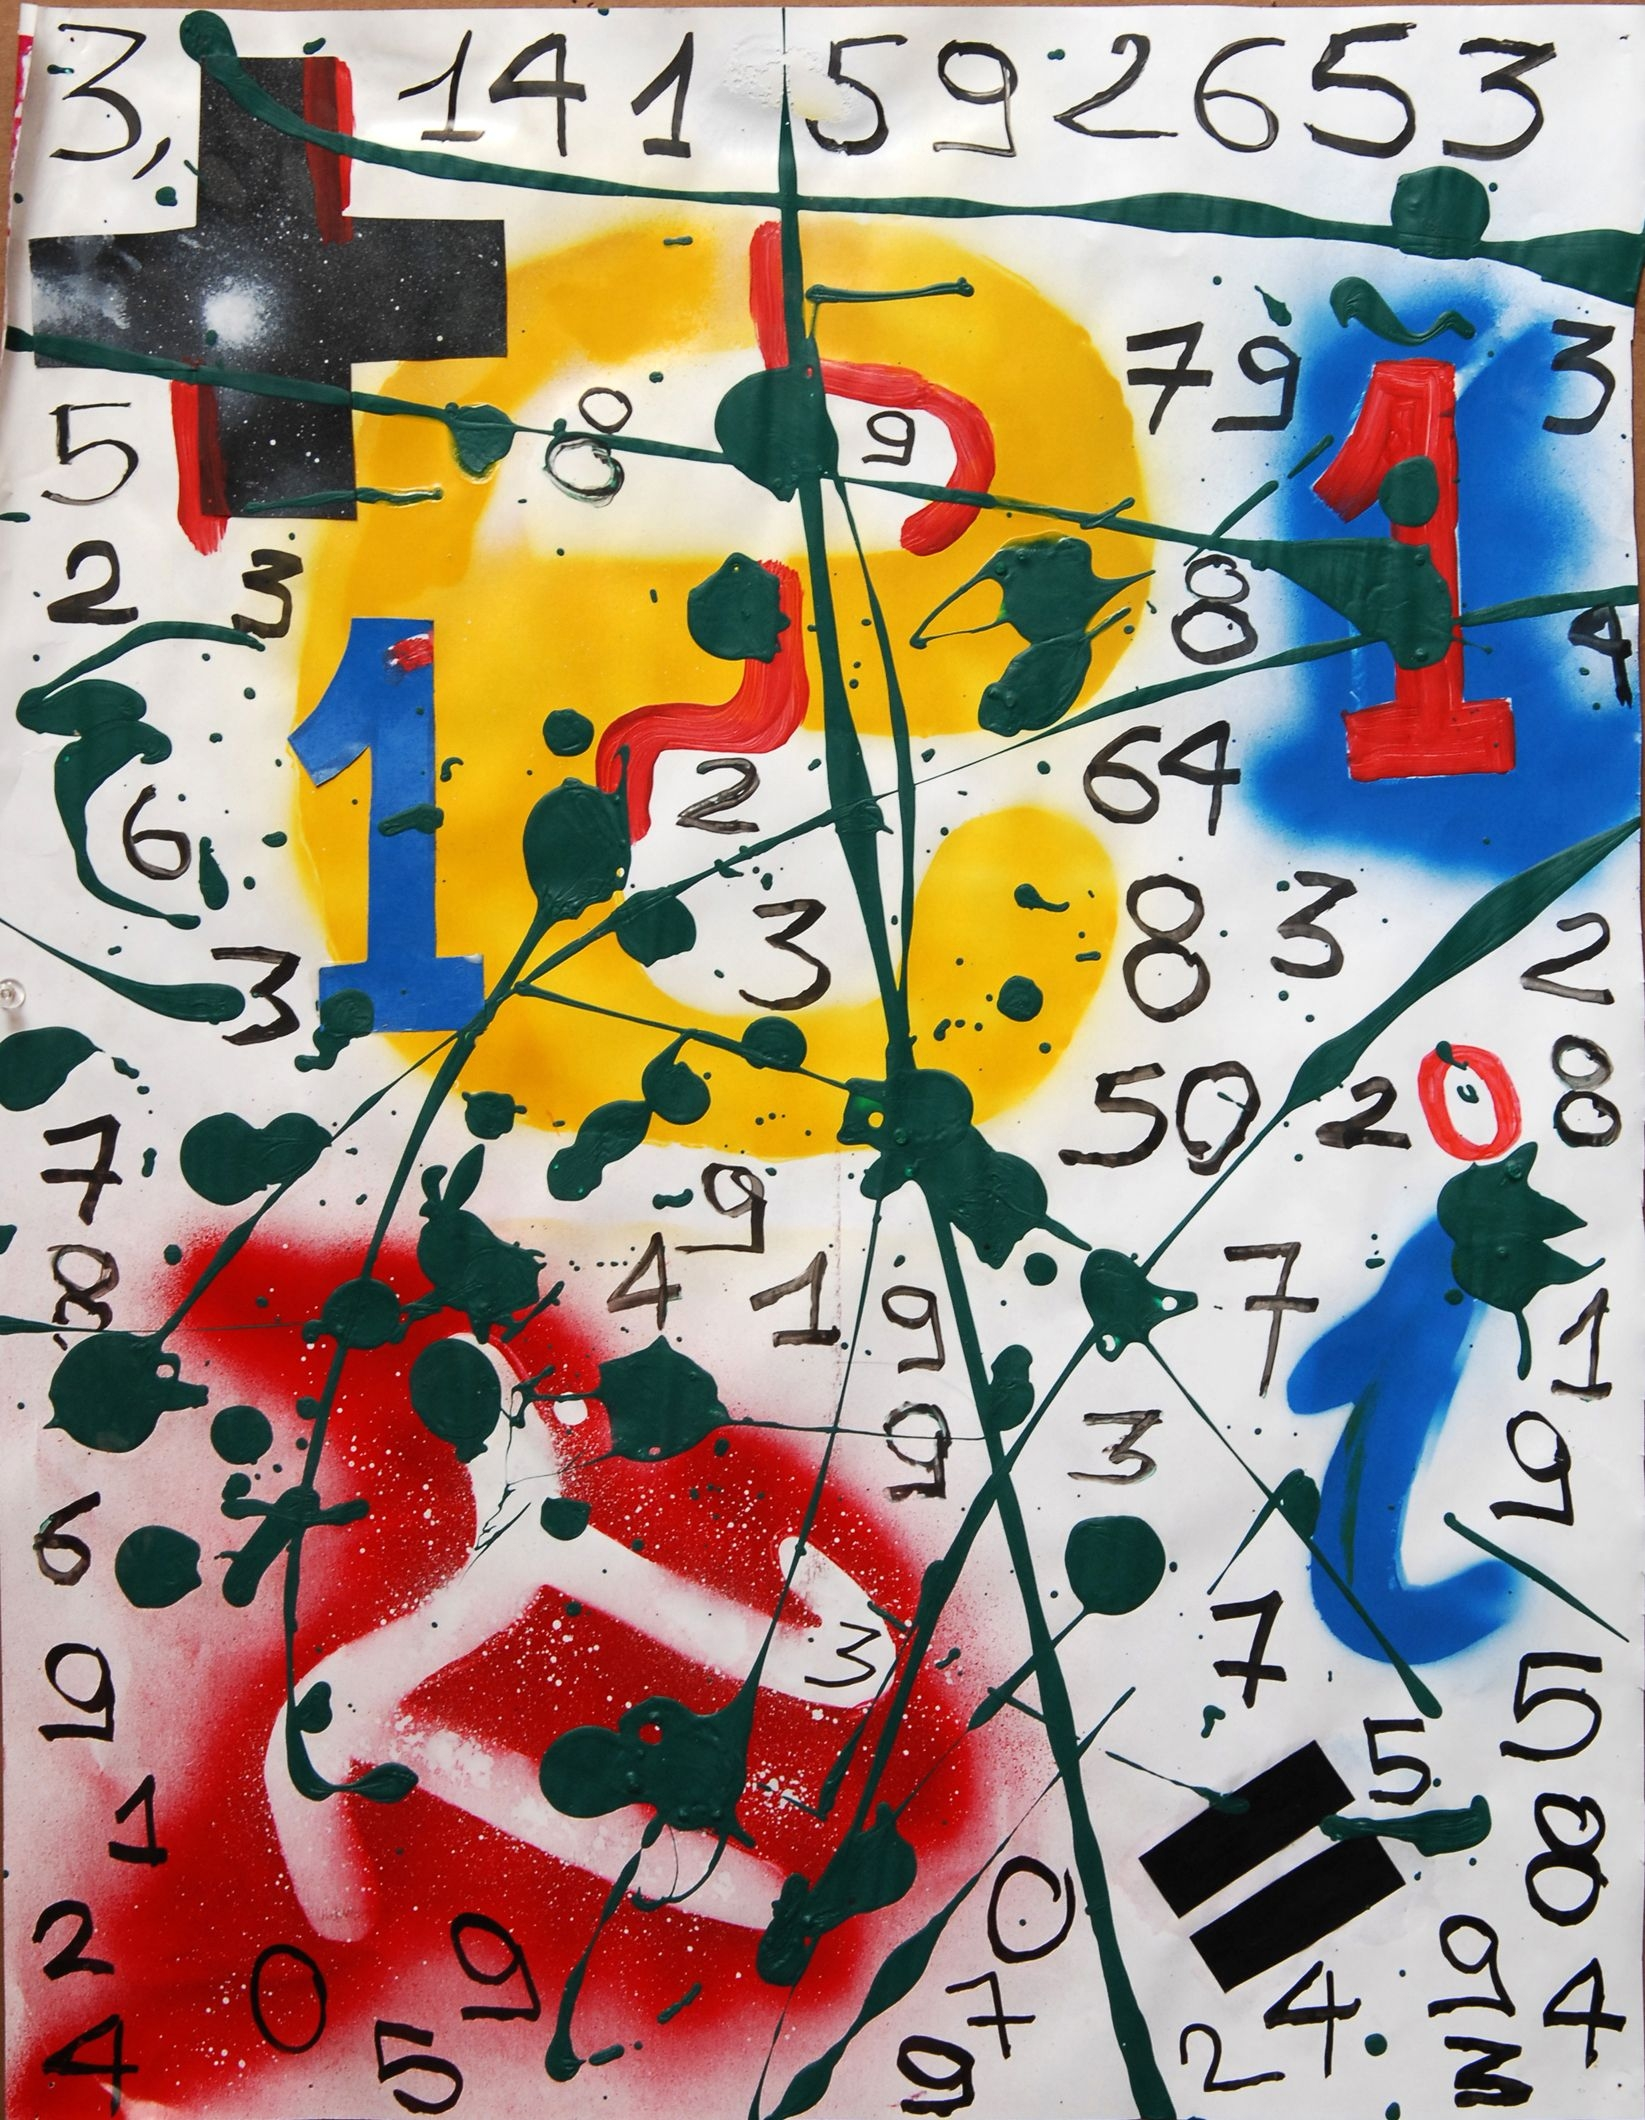 El trastorno obsesivo compulsivo y los números